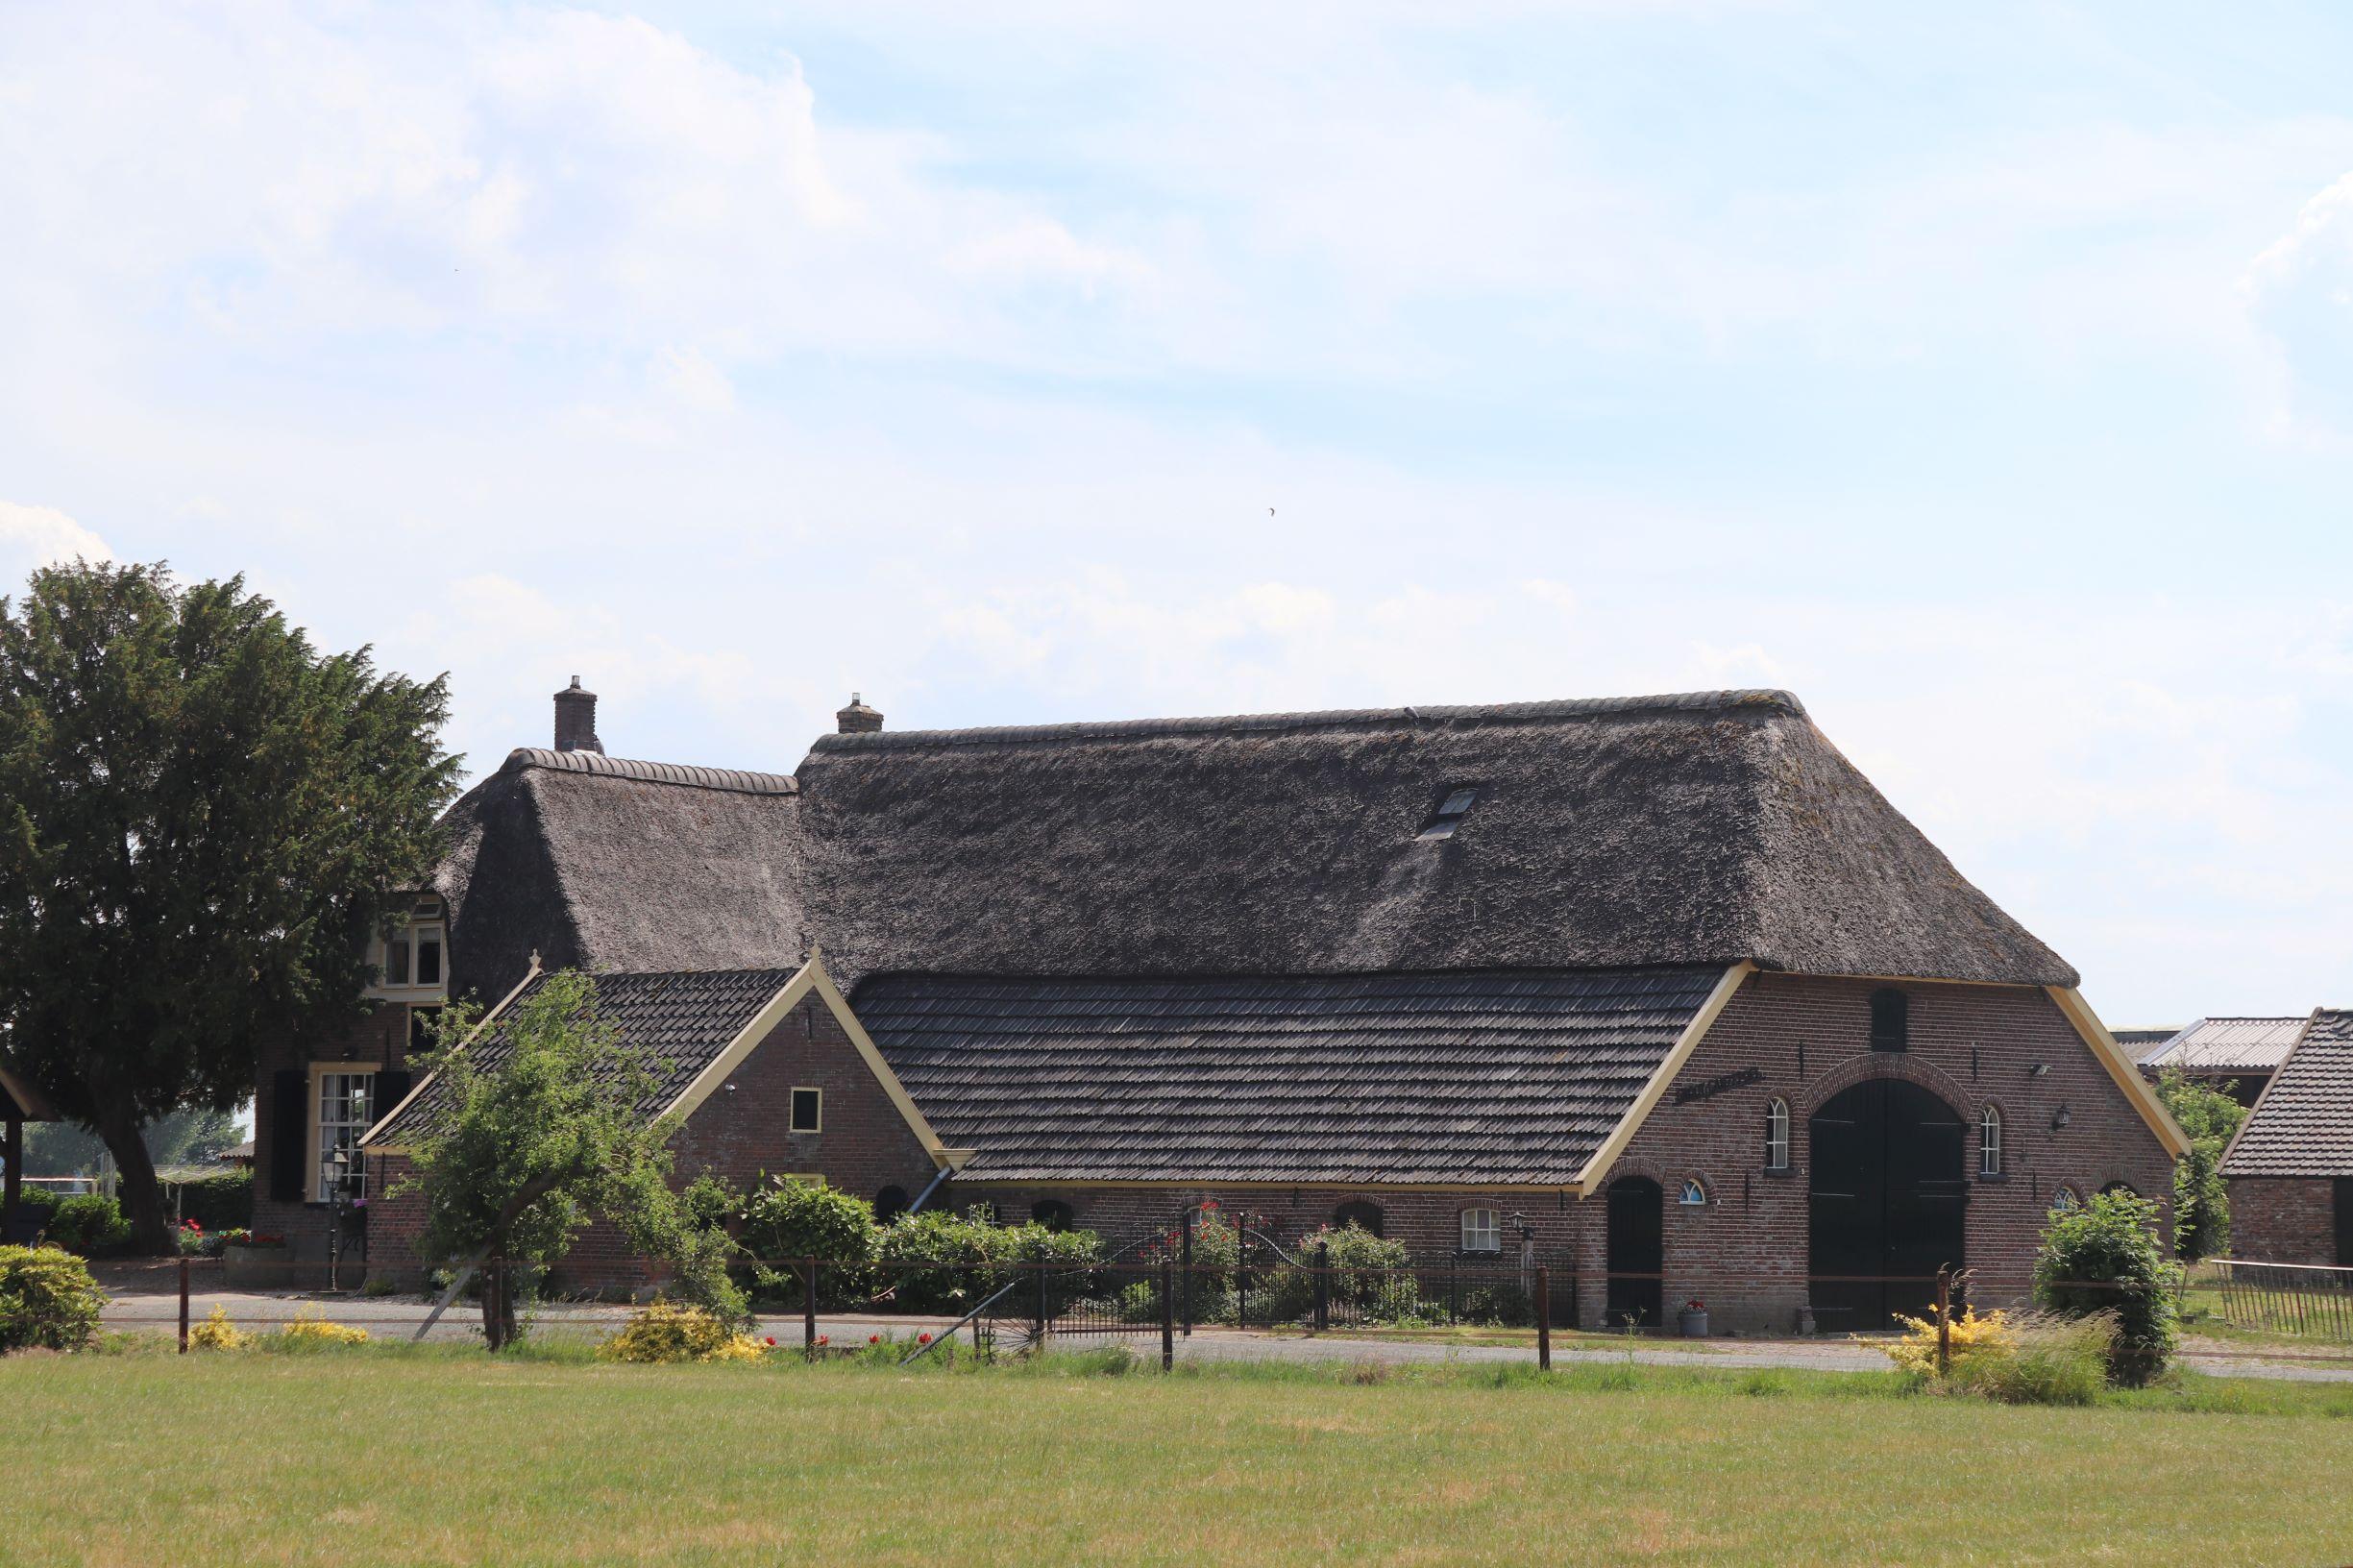 Krukboerderij Ganzenpoelweg 9